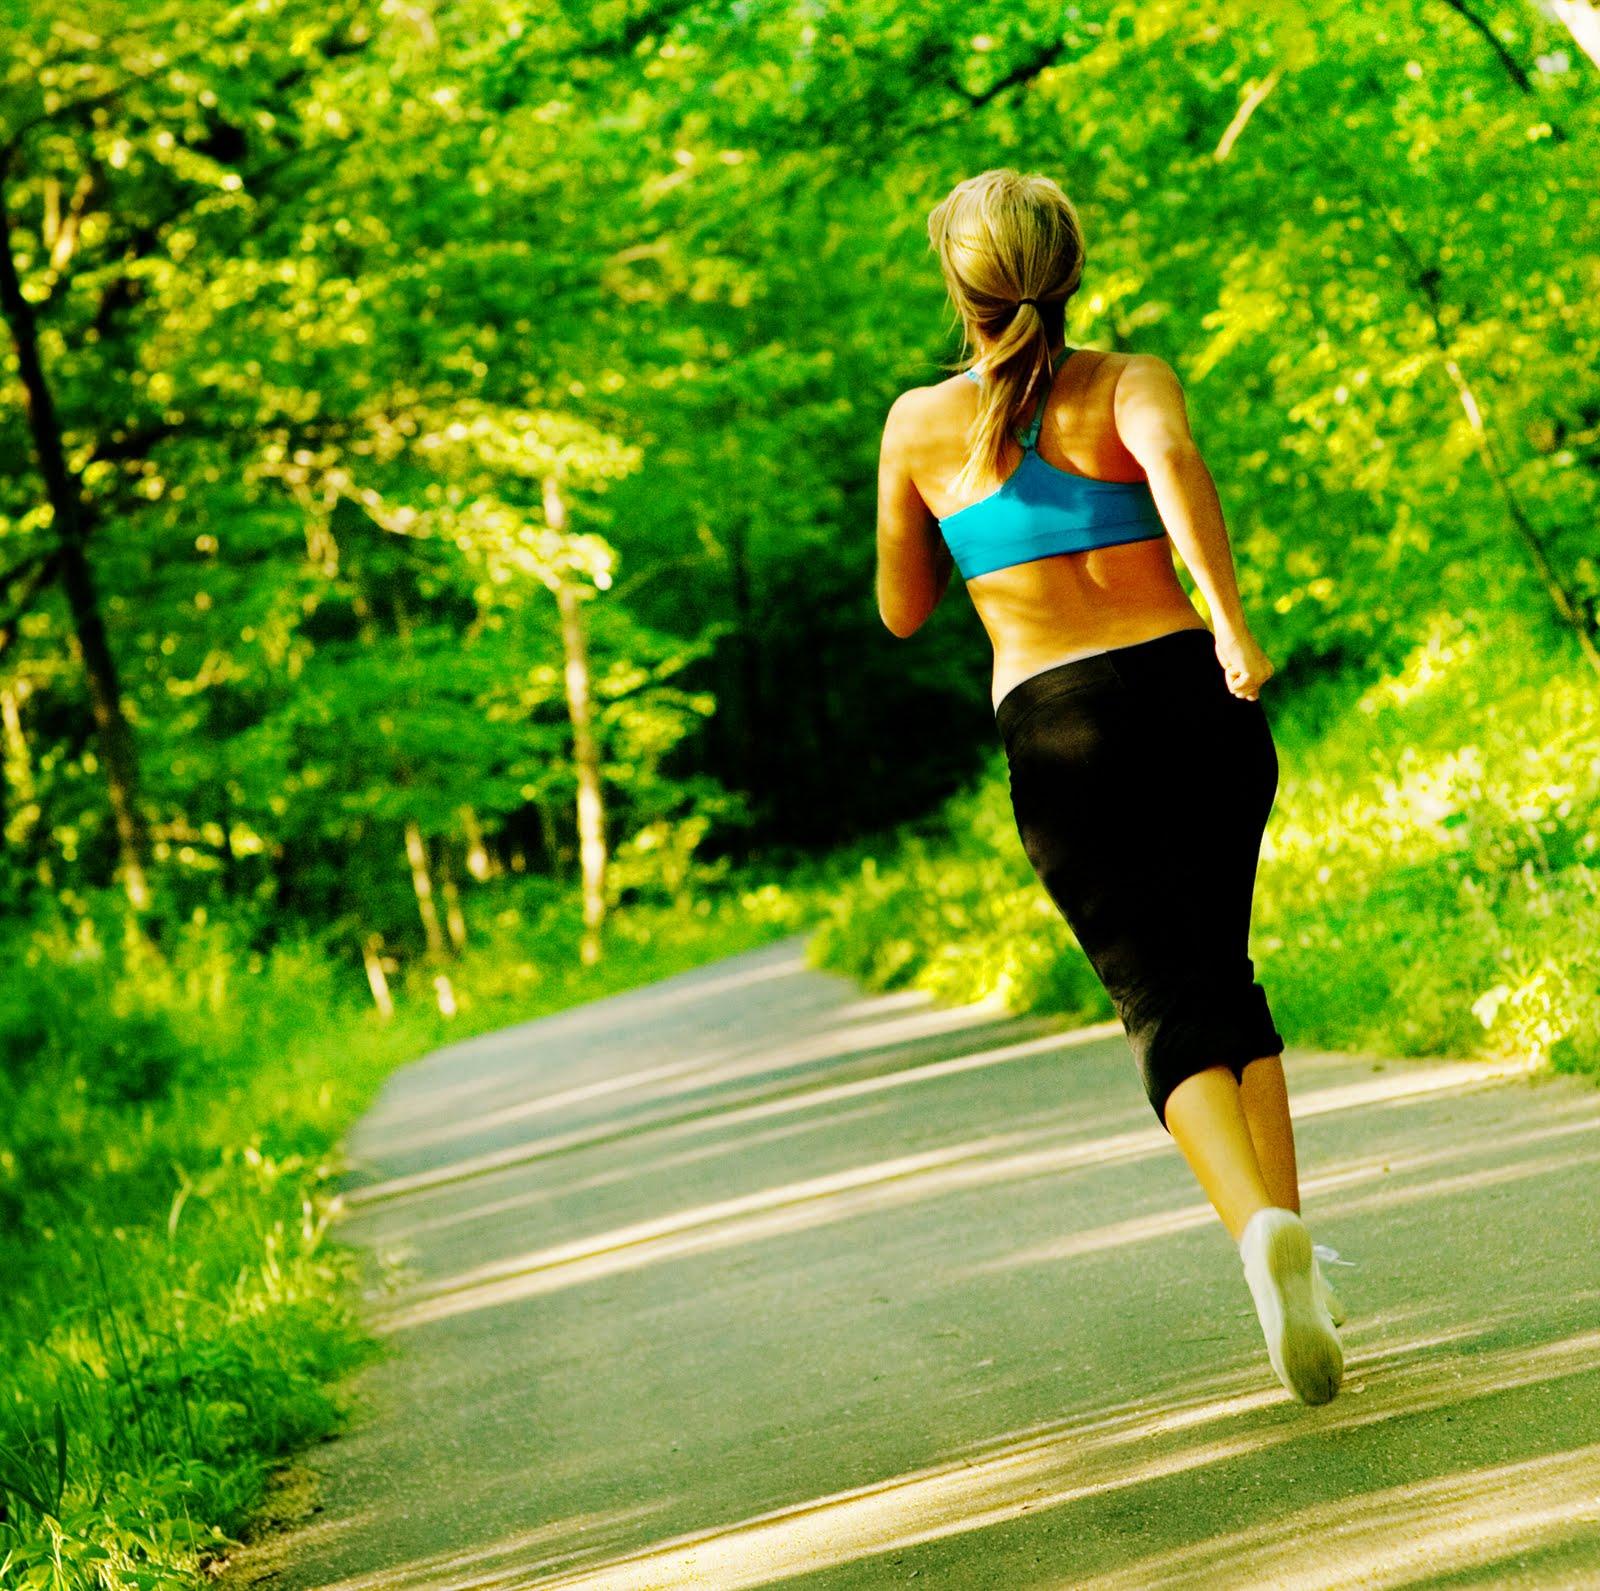 Dimagrire correndo, le regole base per perdere peso con il jogging